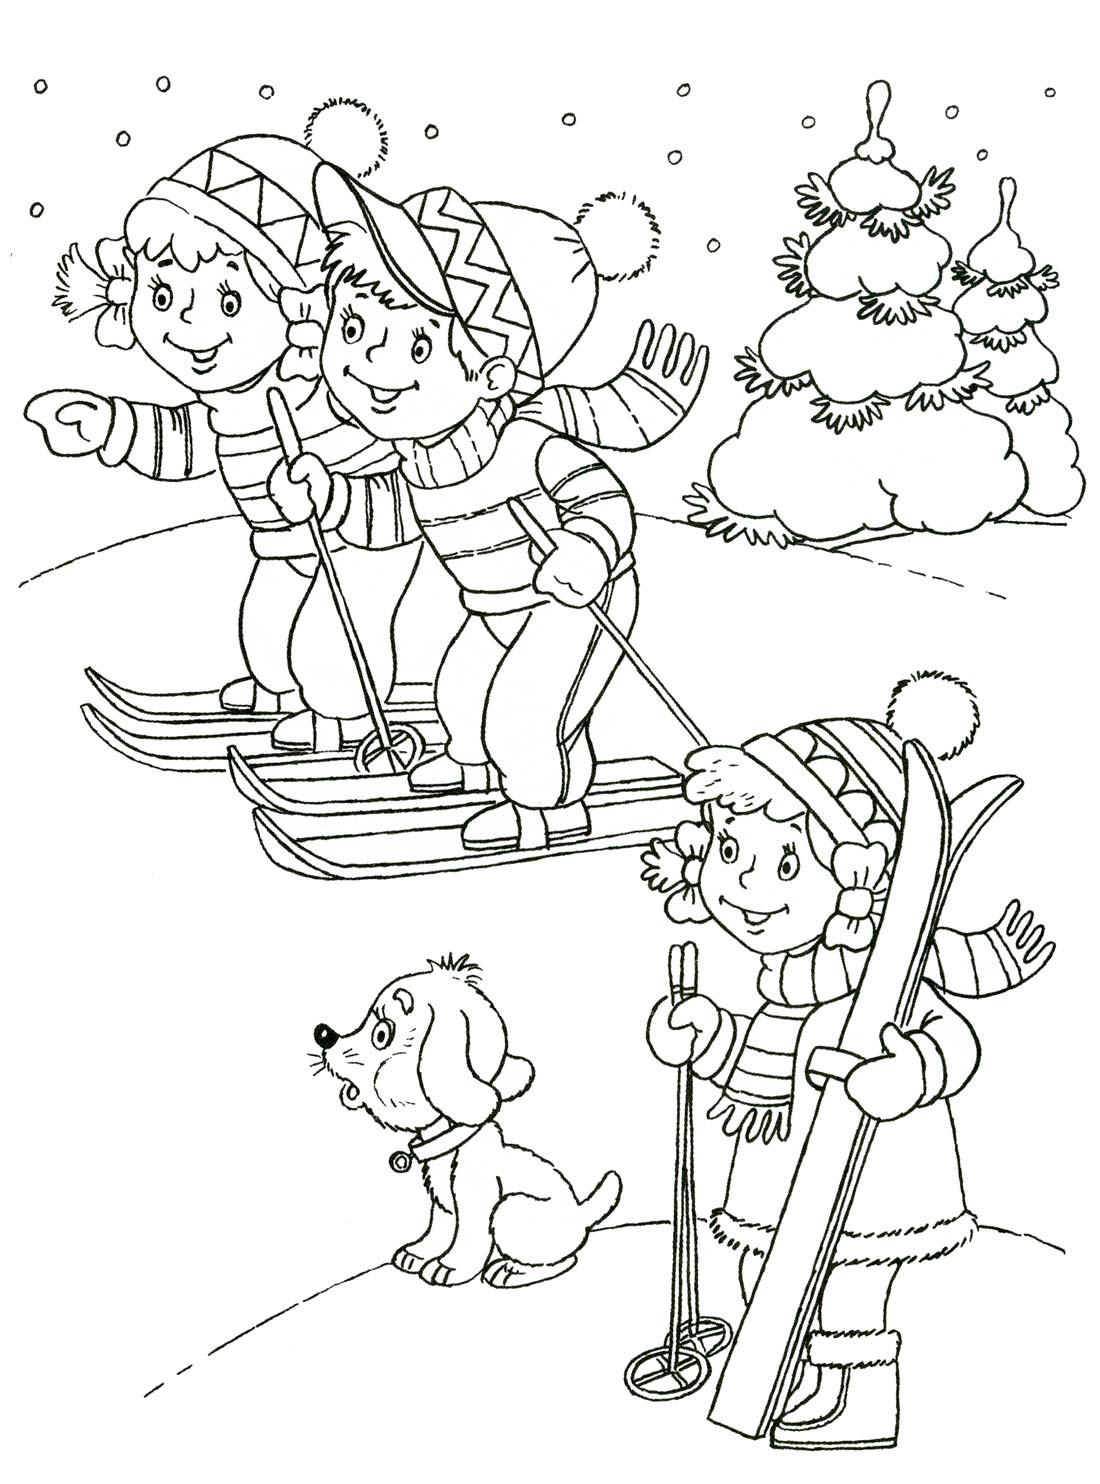 Раскраска зимняя для детей